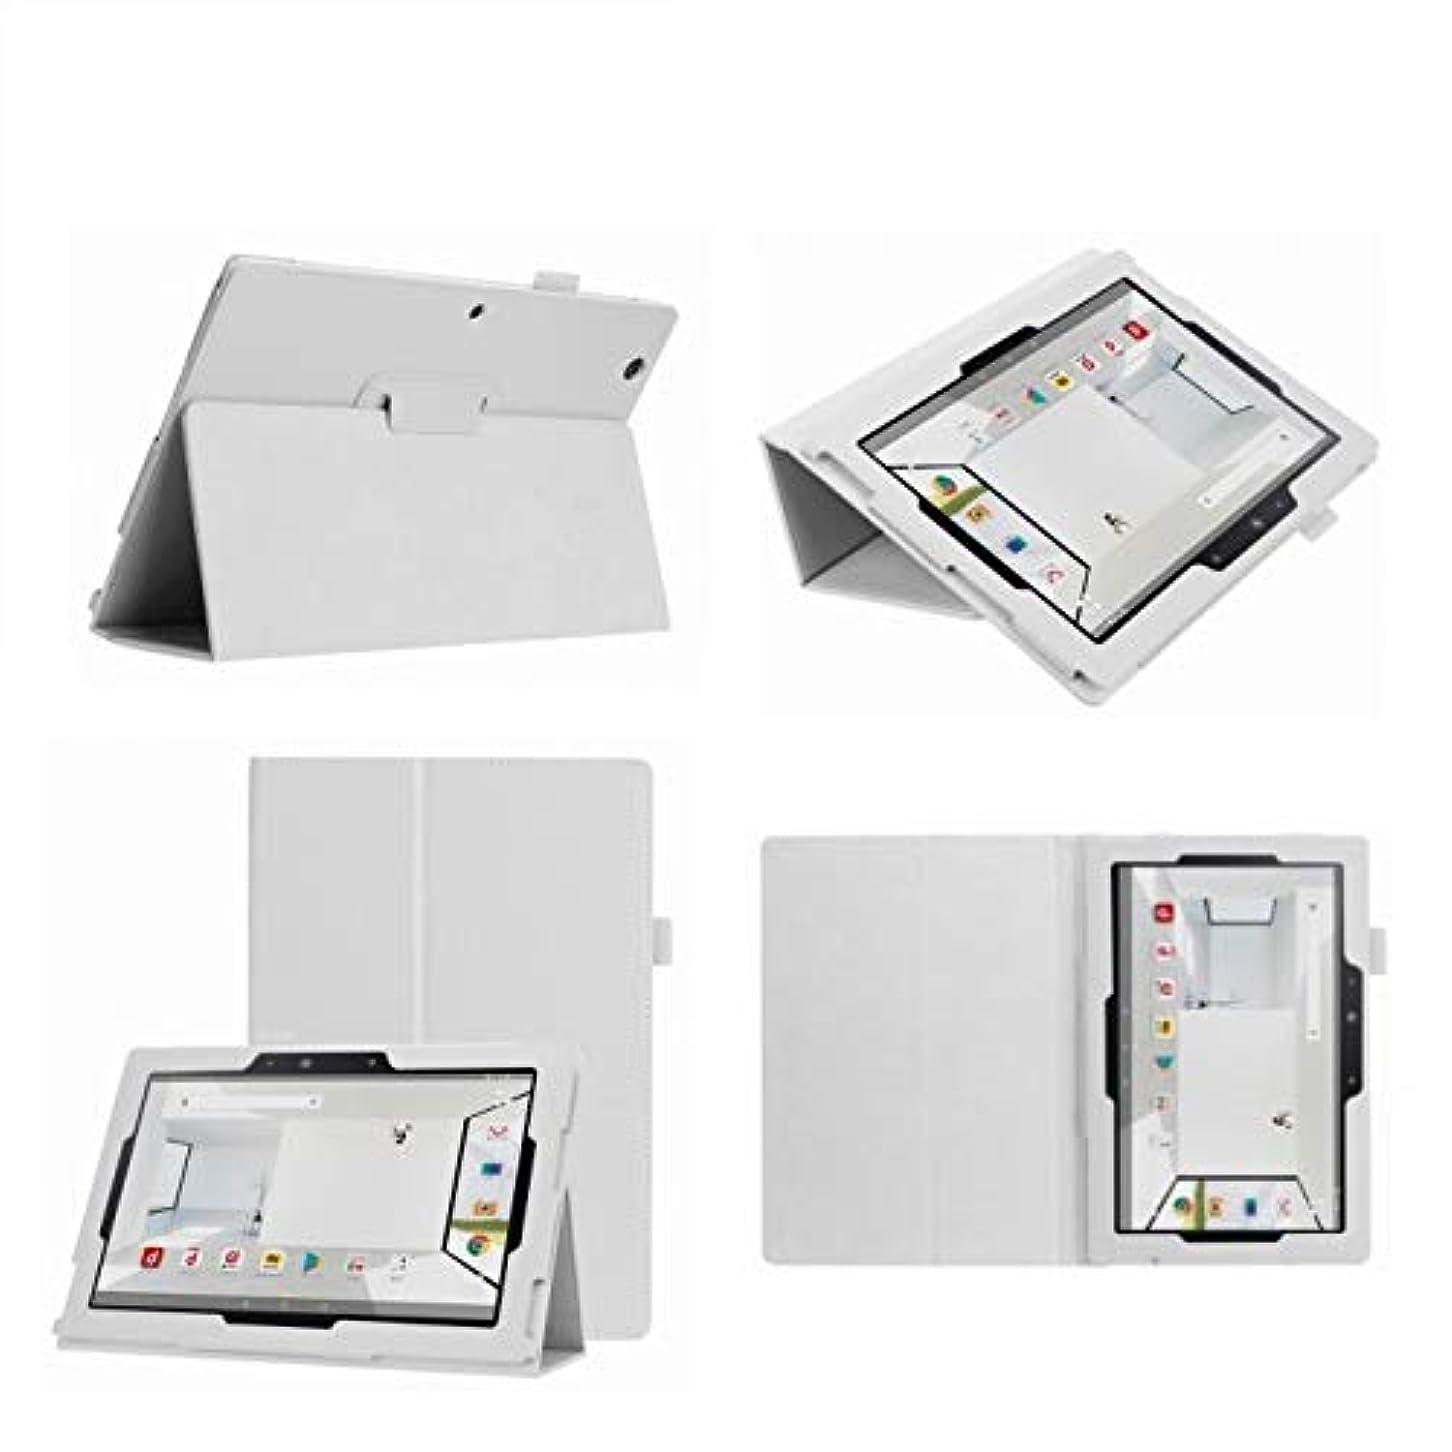 温帯スラッシュ品種windykids Docomo dtab d-01G ケース Huawei MediaPad M1 8.0 カバー 白 3点セット 保護フィルム タッチペン 手帳型403HW